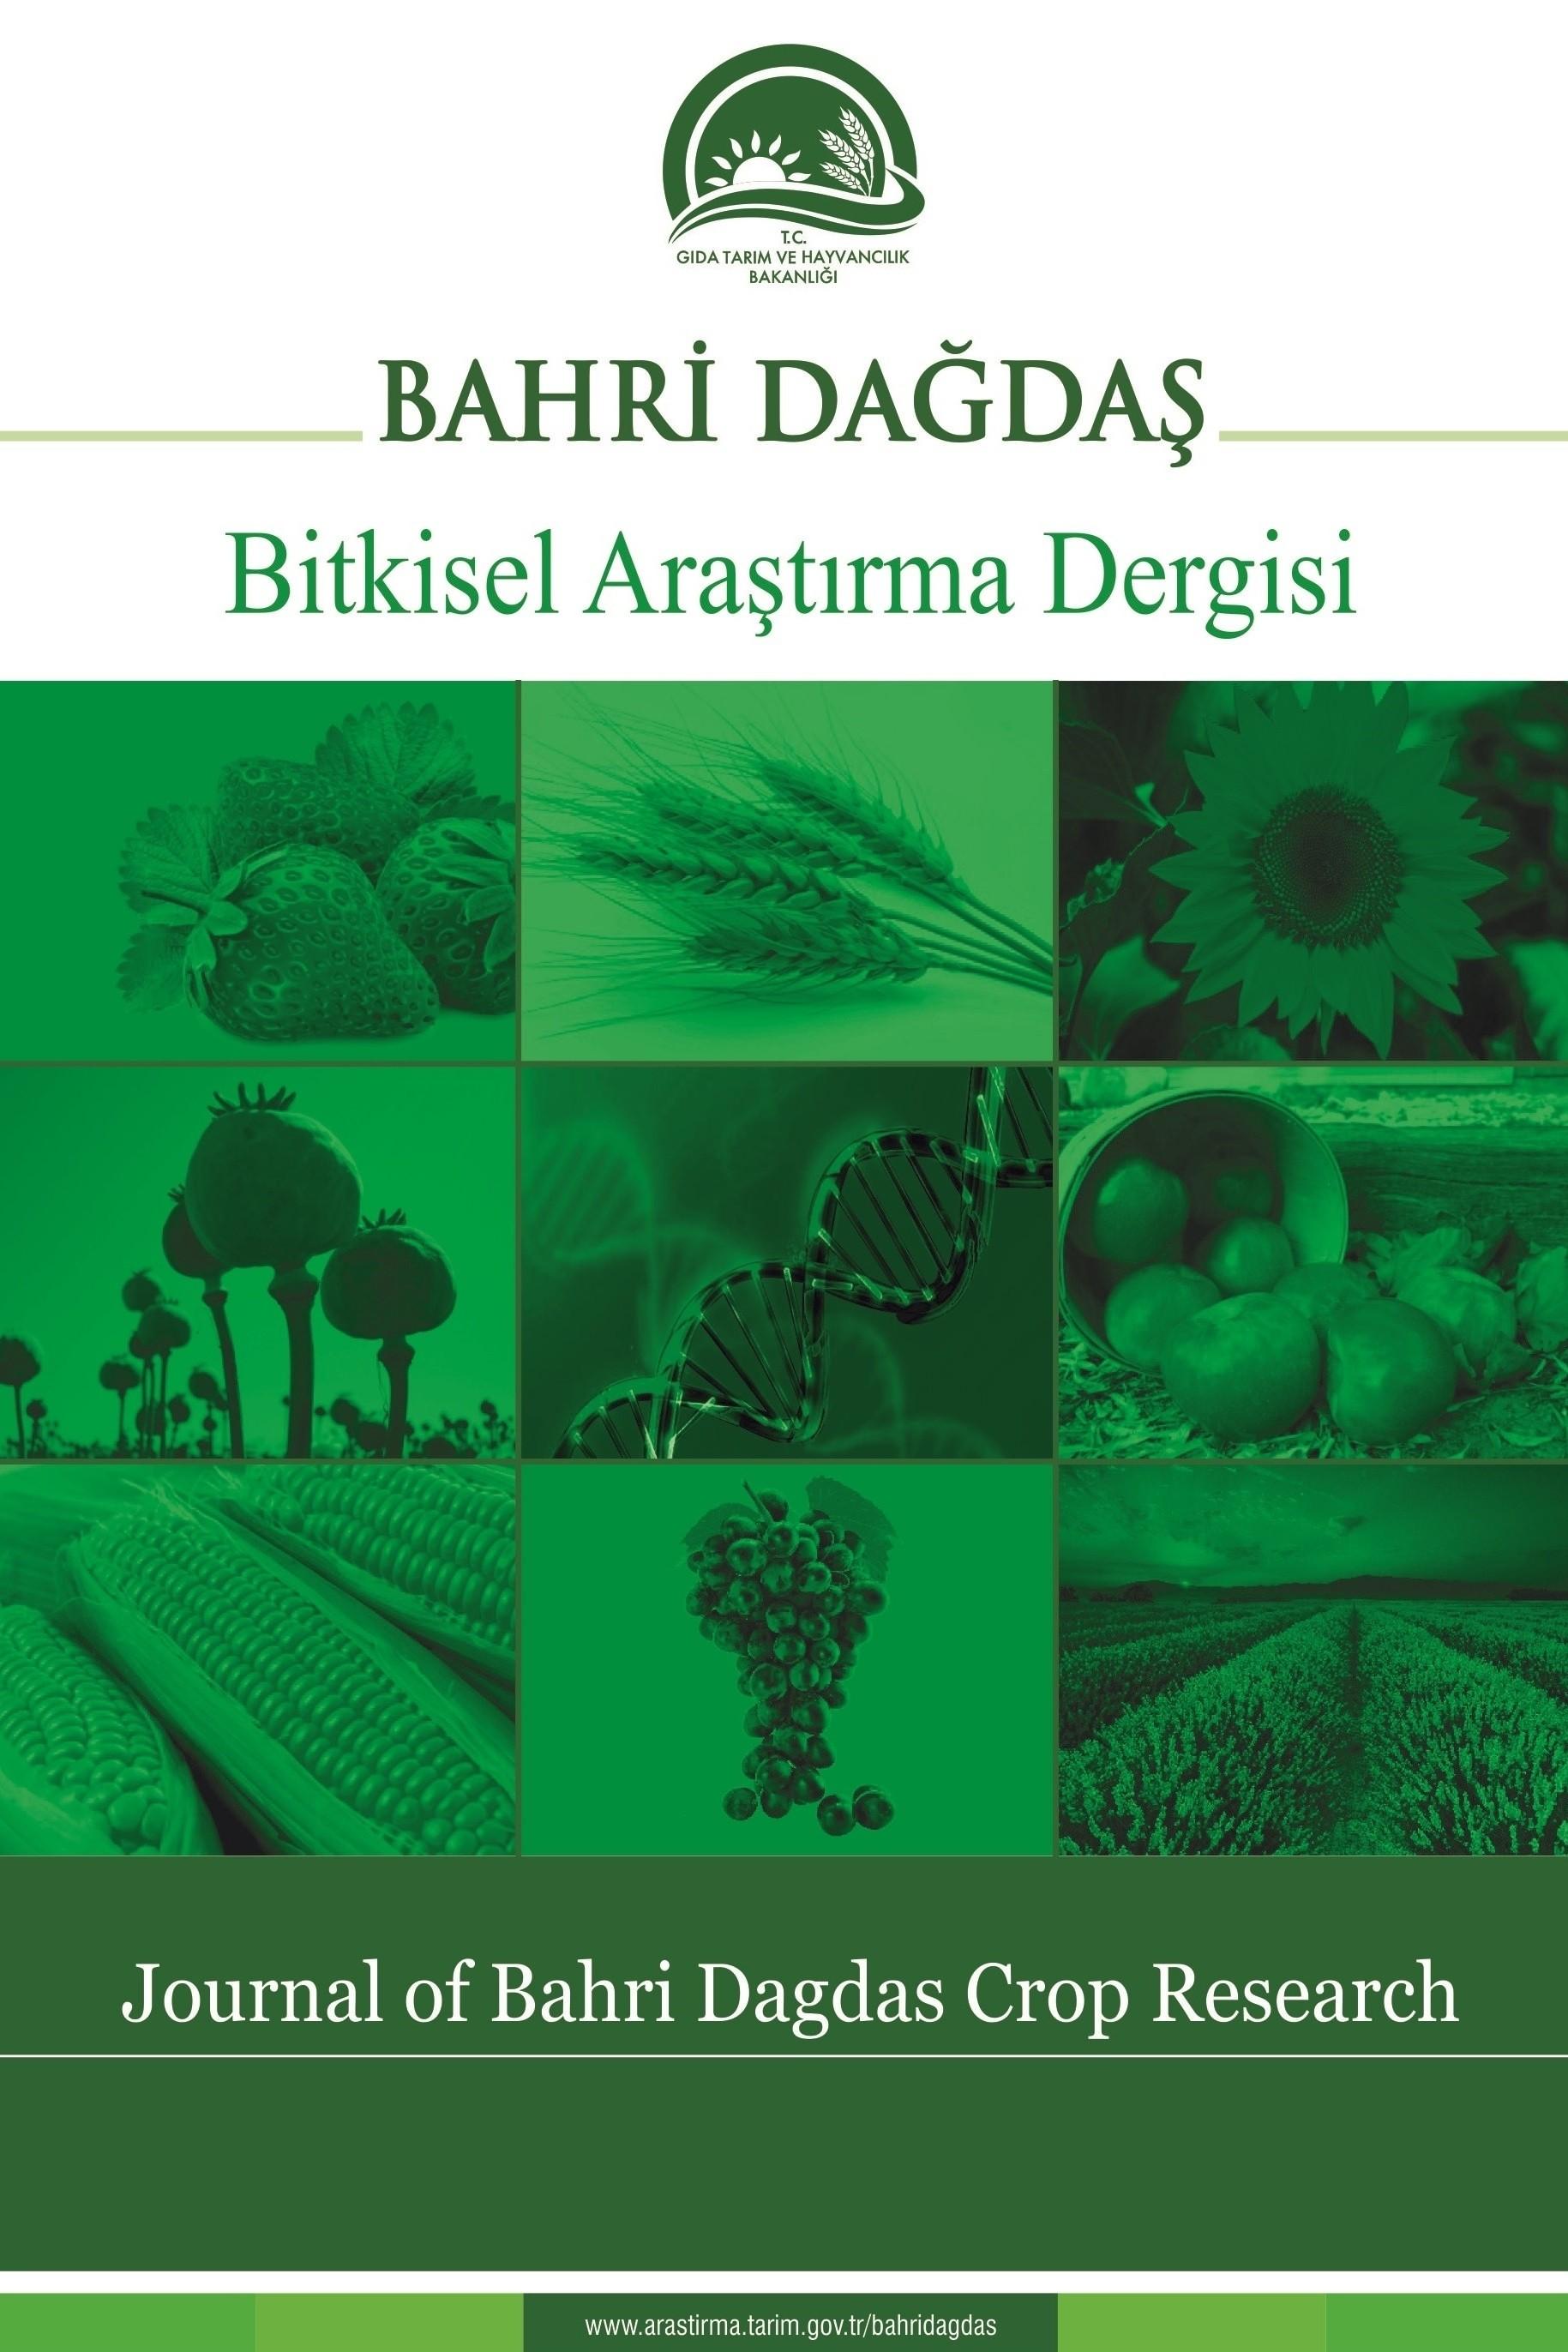 Journal of Bahri Dagdas Crop Research